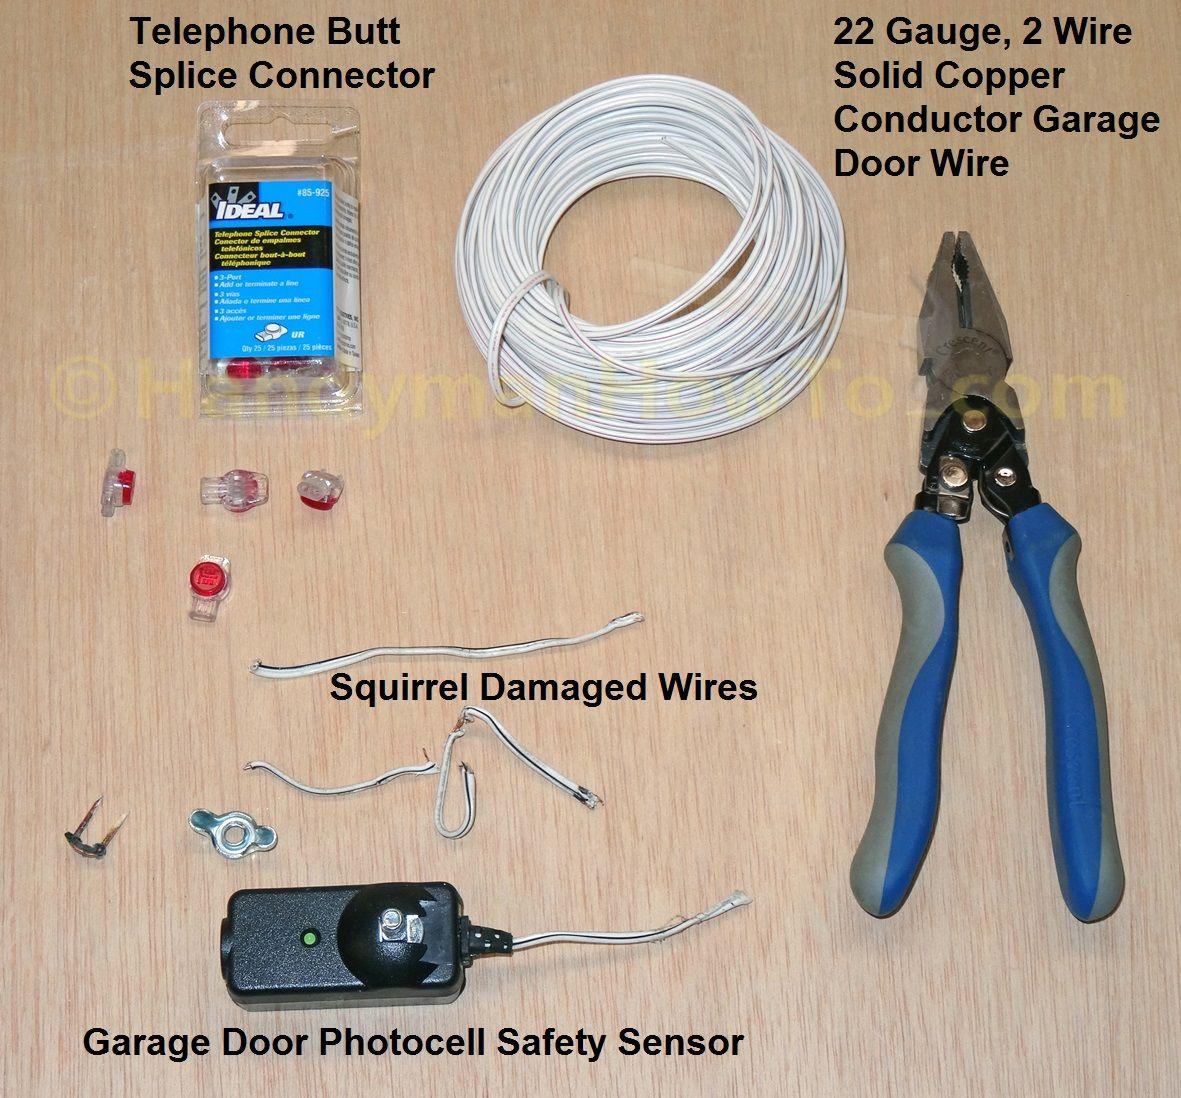 medium resolution of garage door safety sensor wire repair butt splice connectors mix garage door wiring 3 wire